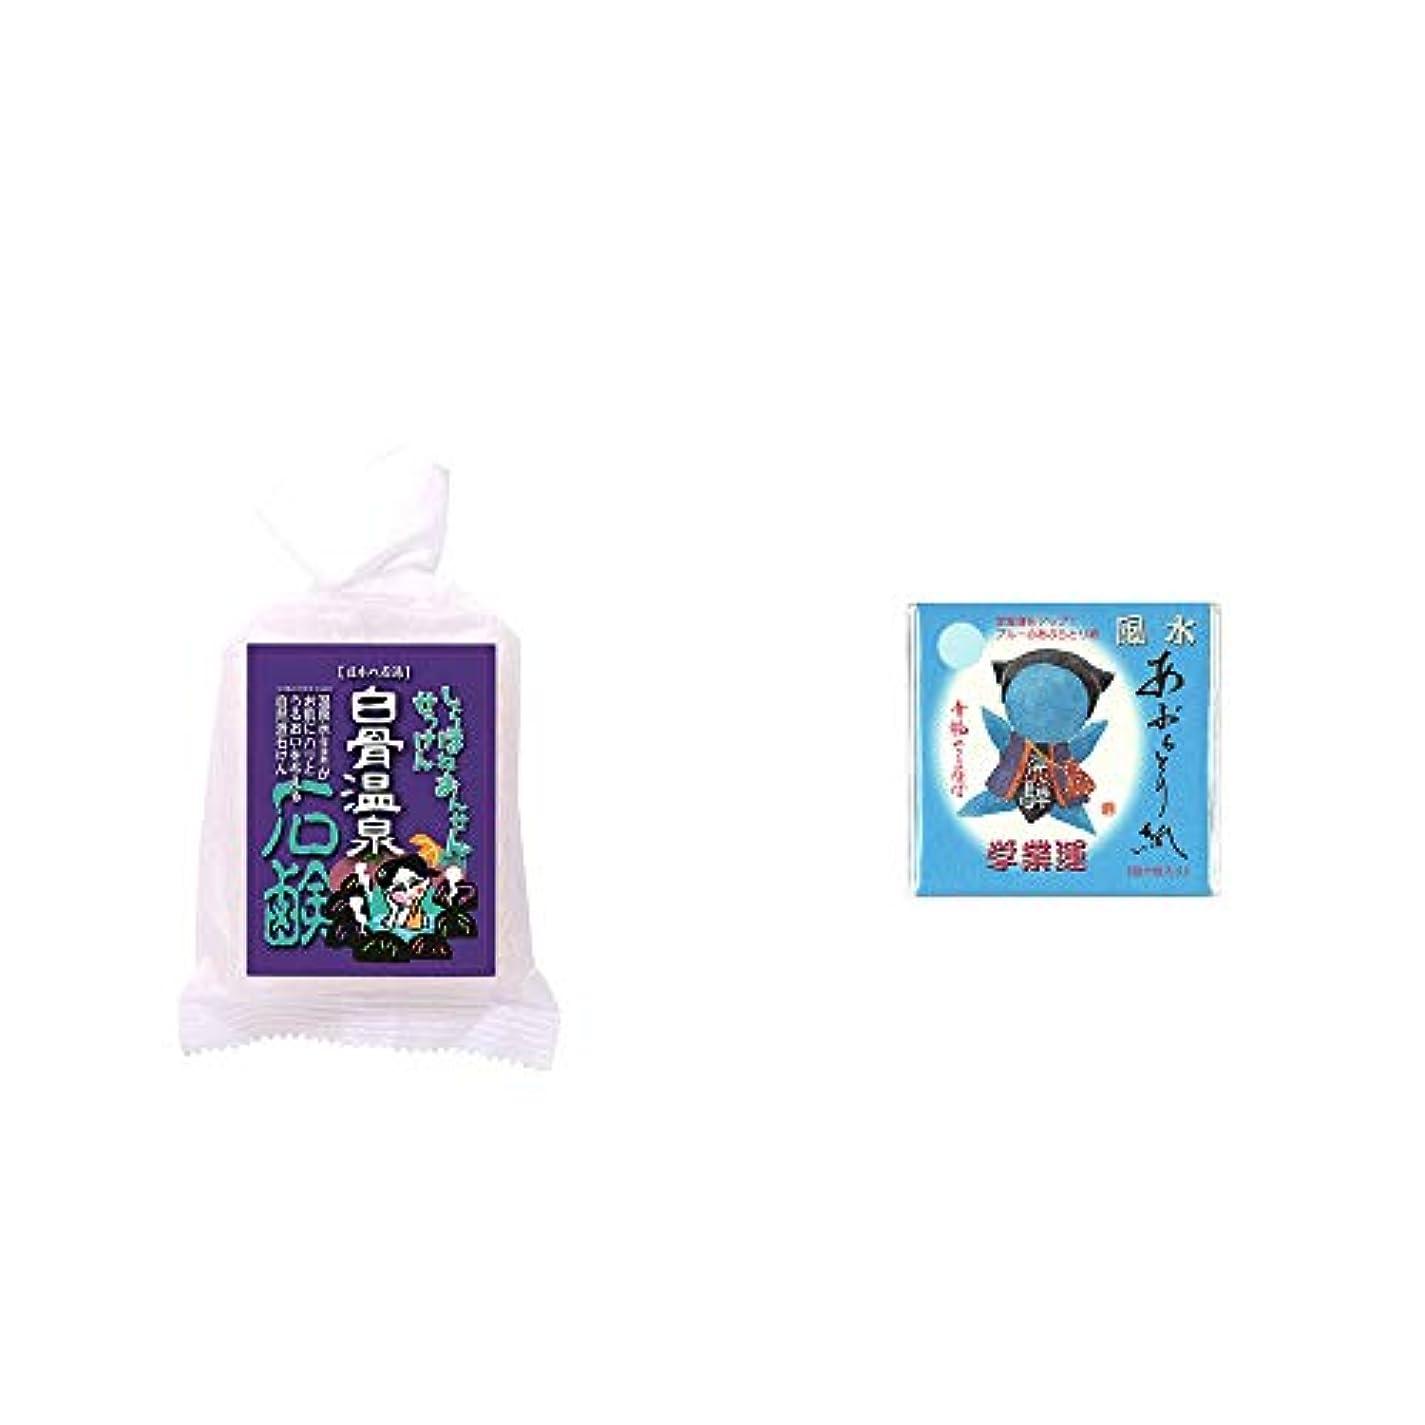 頂点奇跡的な十一[2点セット] 信州 白骨温泉石鹸(80g)?さるぼぼ 風水あぶらとり紙【ブルー】